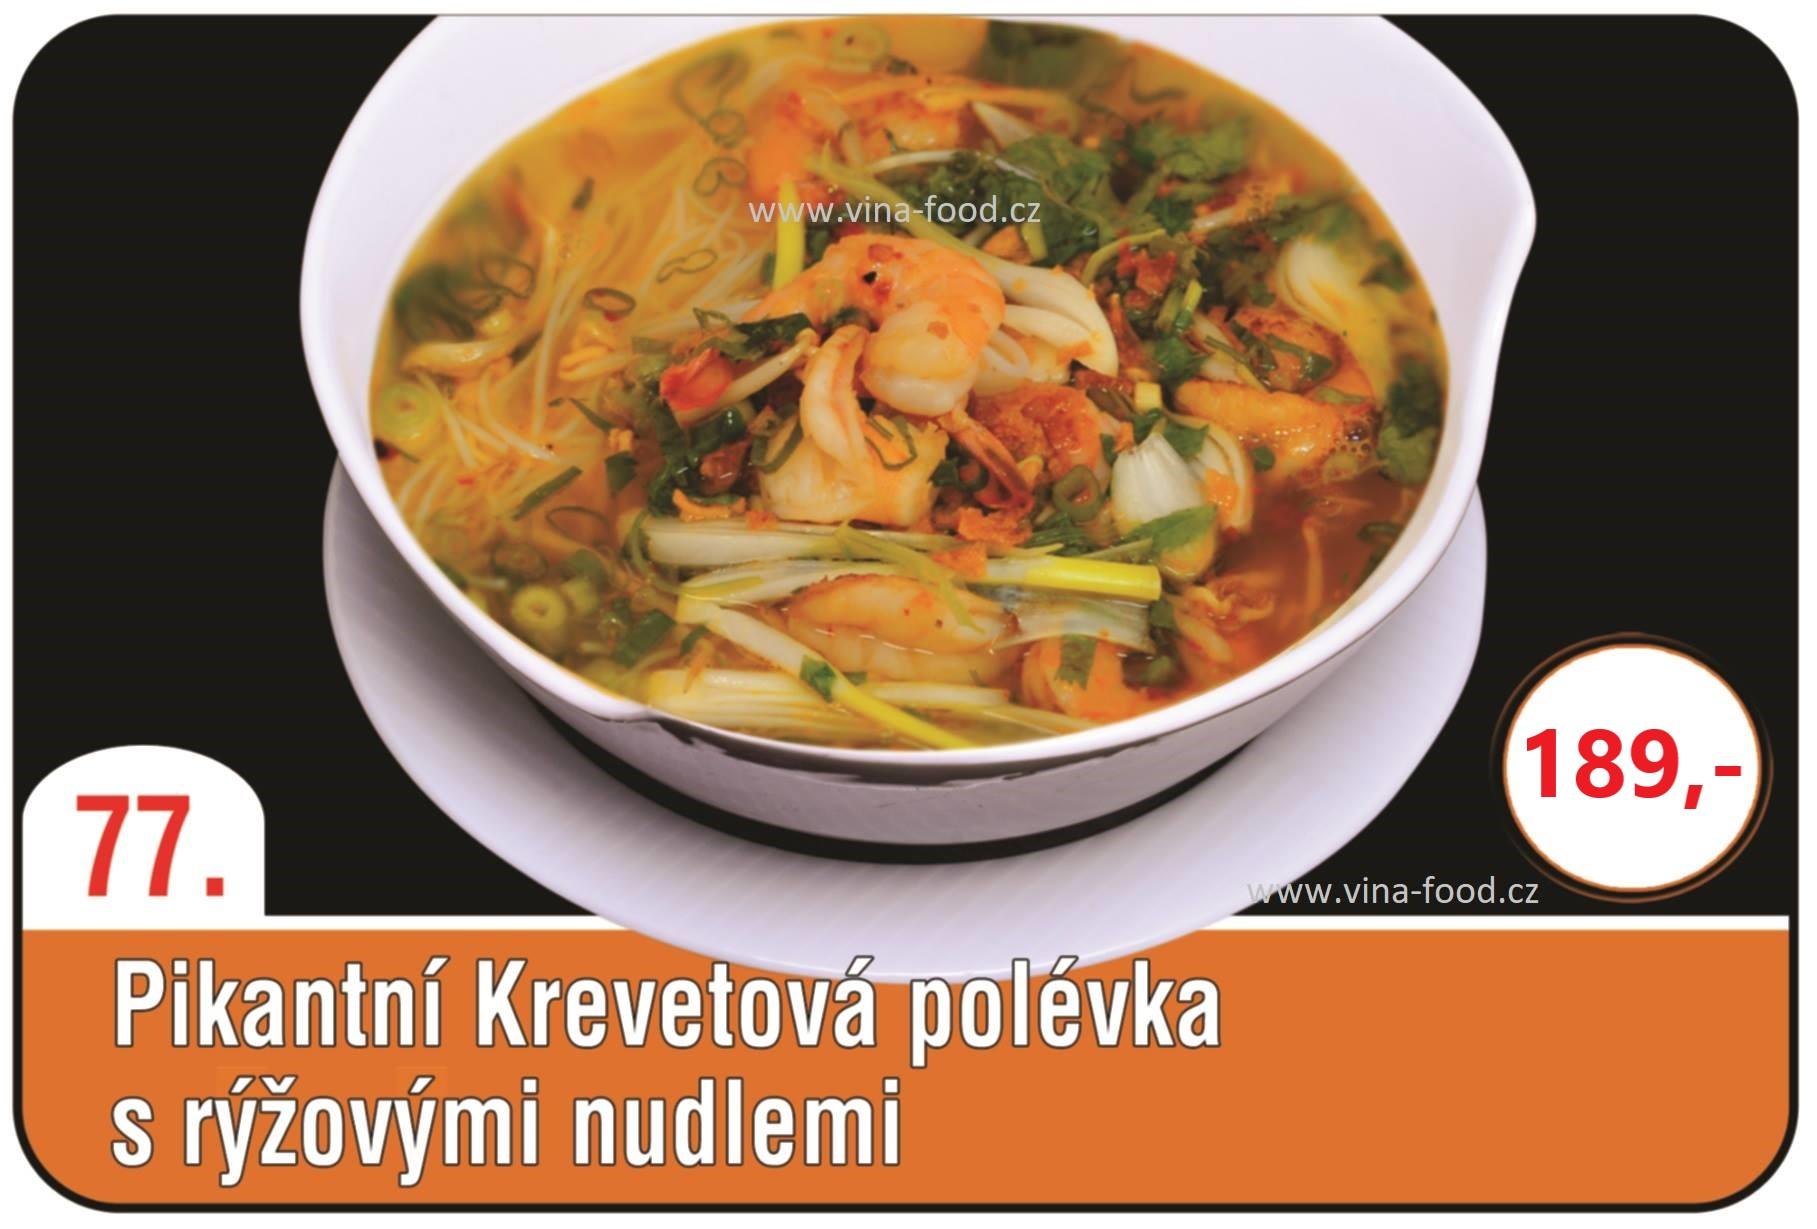 Pikantní Krevetová polévka s rýžovými nudlemi